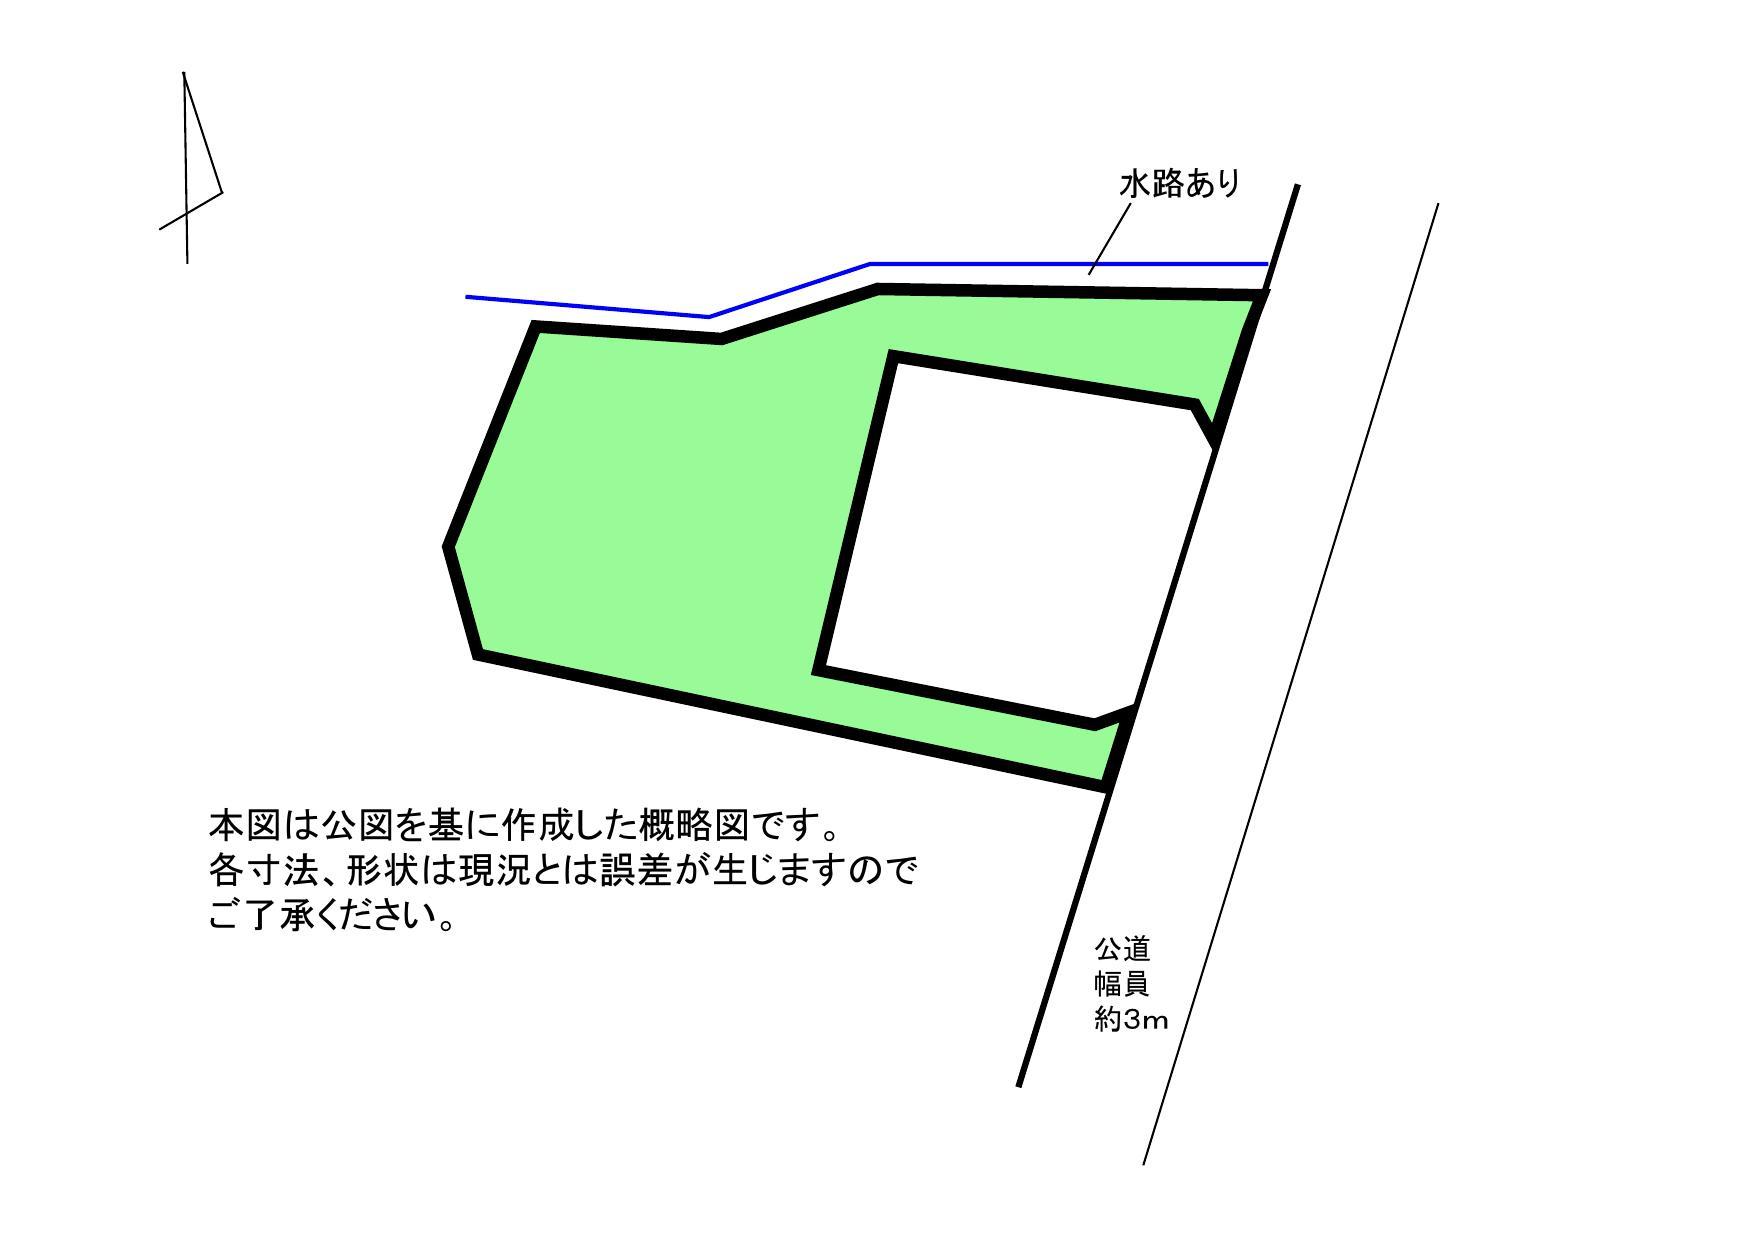 長野市吉田一丁目 売り土地